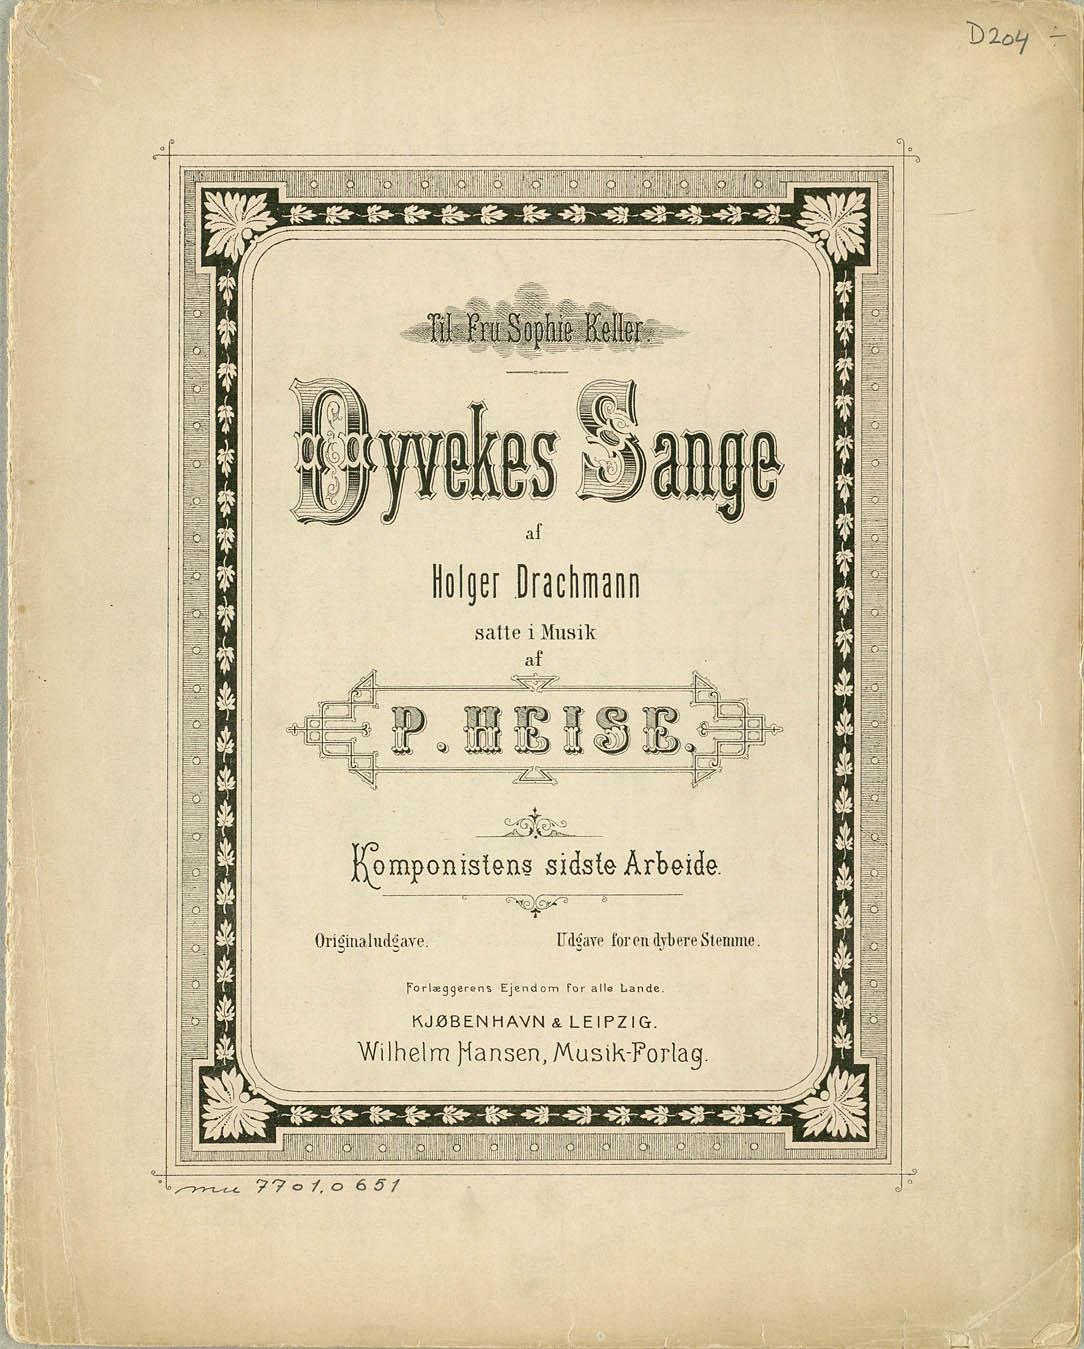 Titelbladet til den danske udgave af Dyveke-sangene. Bringes med venlig tilladelse fra Edition Wilhelm Hansen. Klik for større billede.